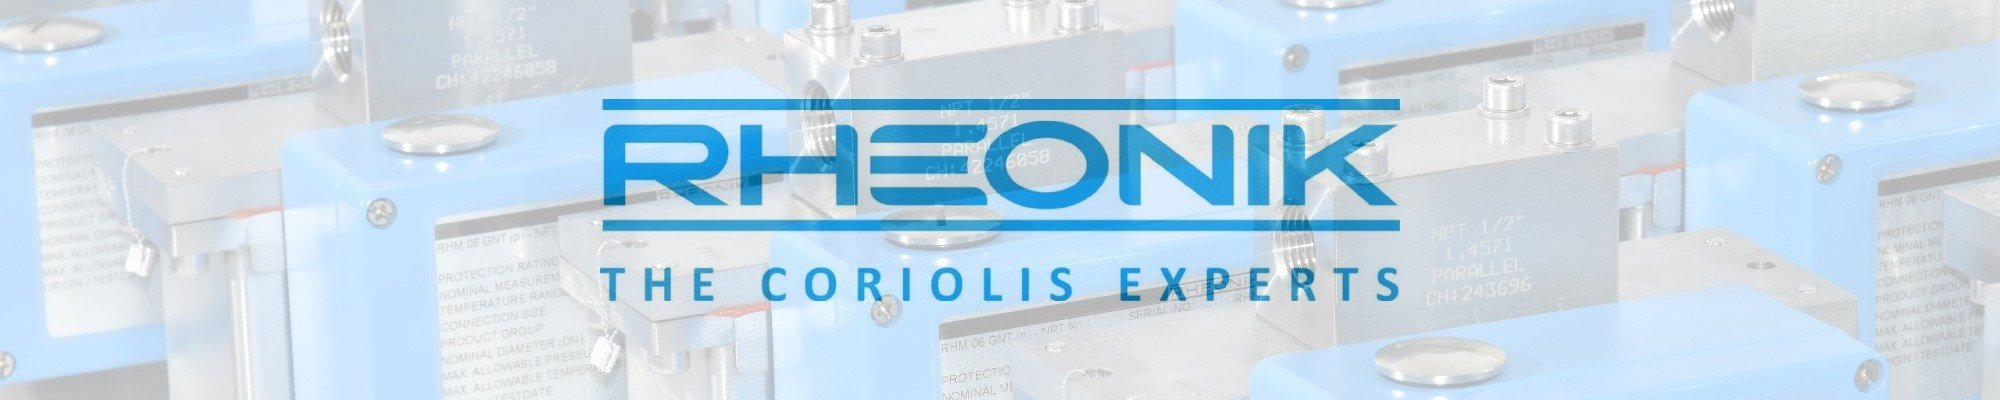 Rheonik Coriolis flow meter - ODS web page header